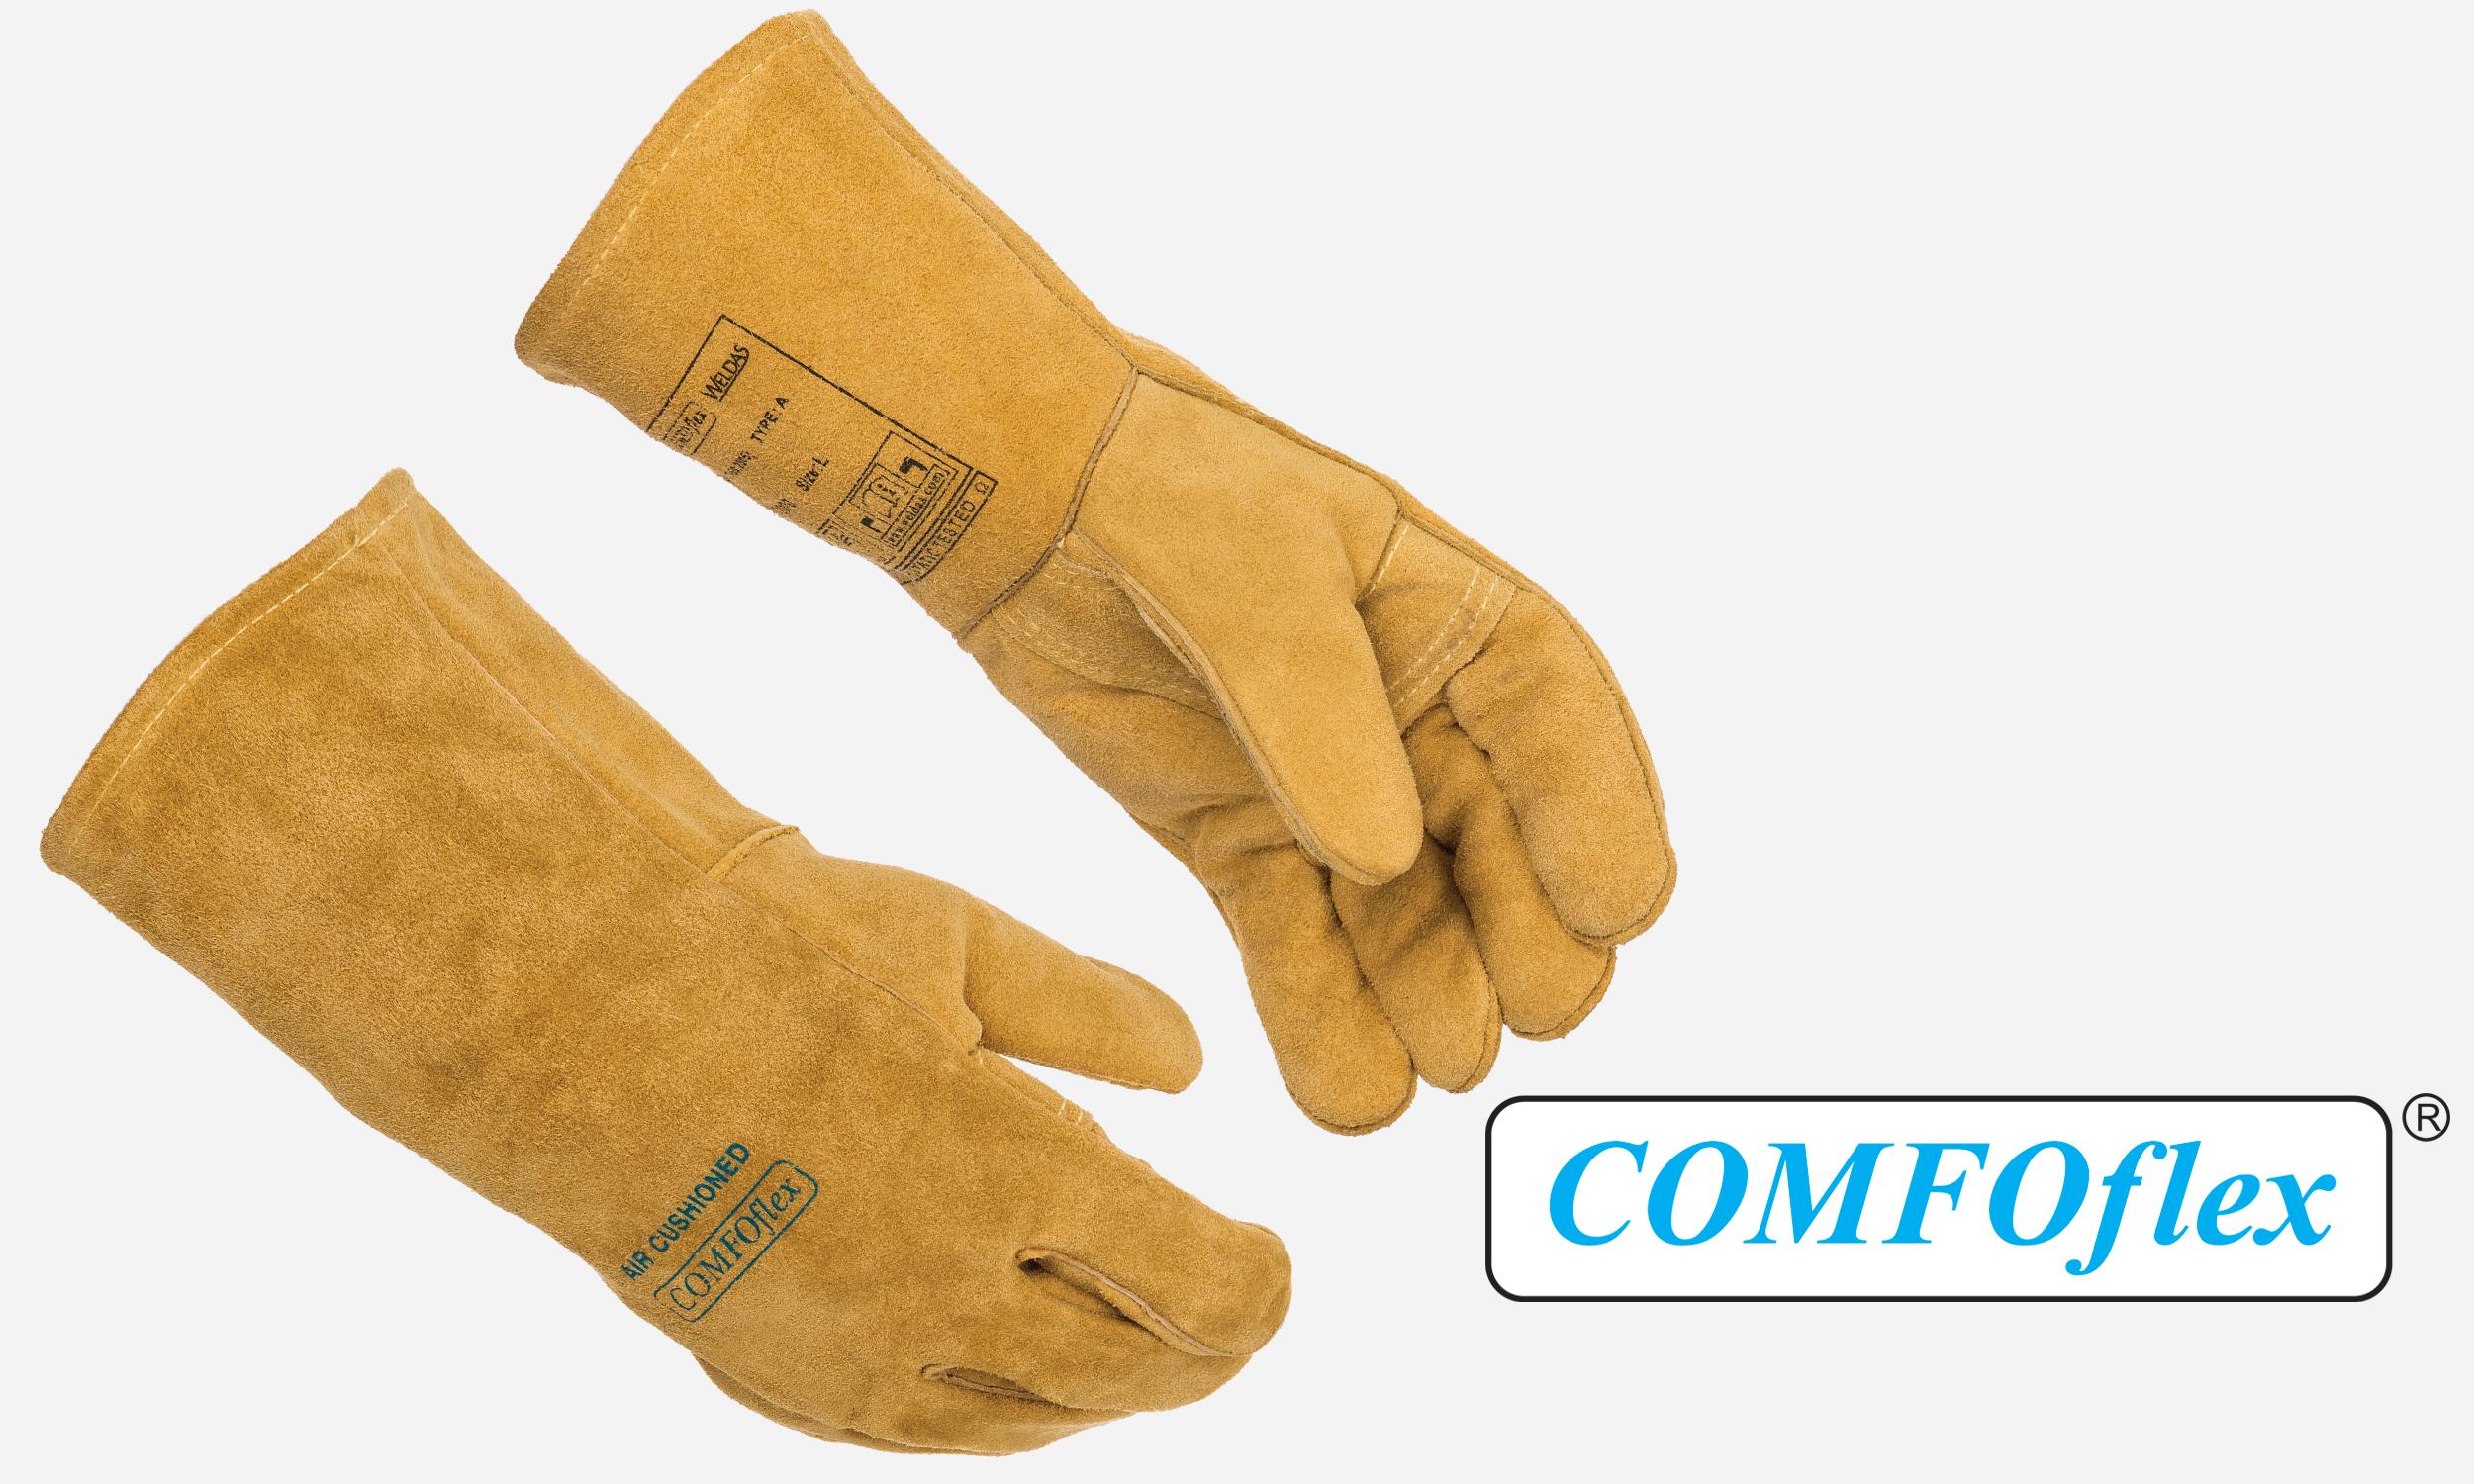 Premium Stick Welding Glove